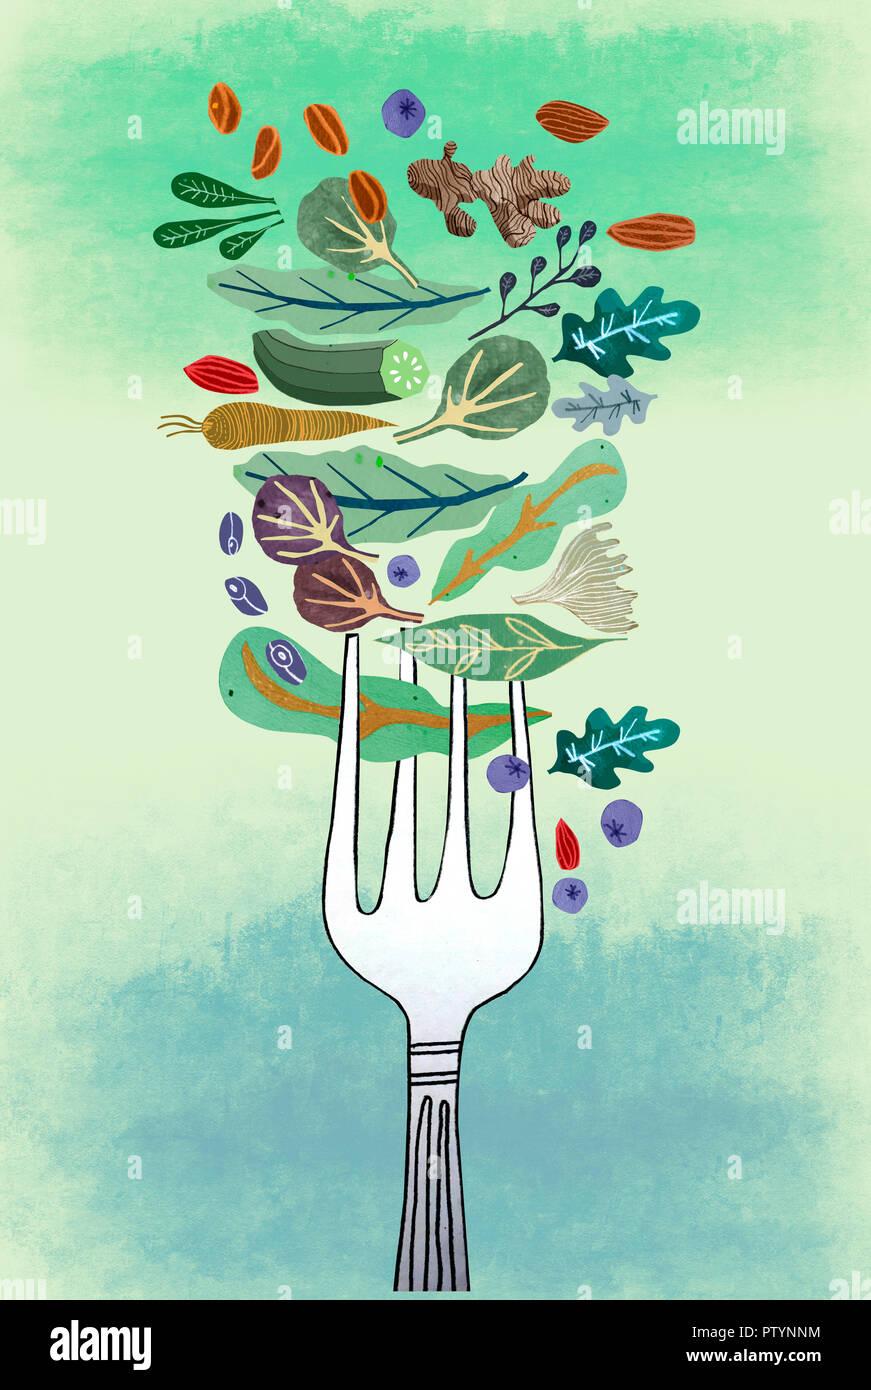 Verschiedene Arten von gesunden Niedrigkohlenhydrat Gemüse fallen auf eine Gabel Stockbild